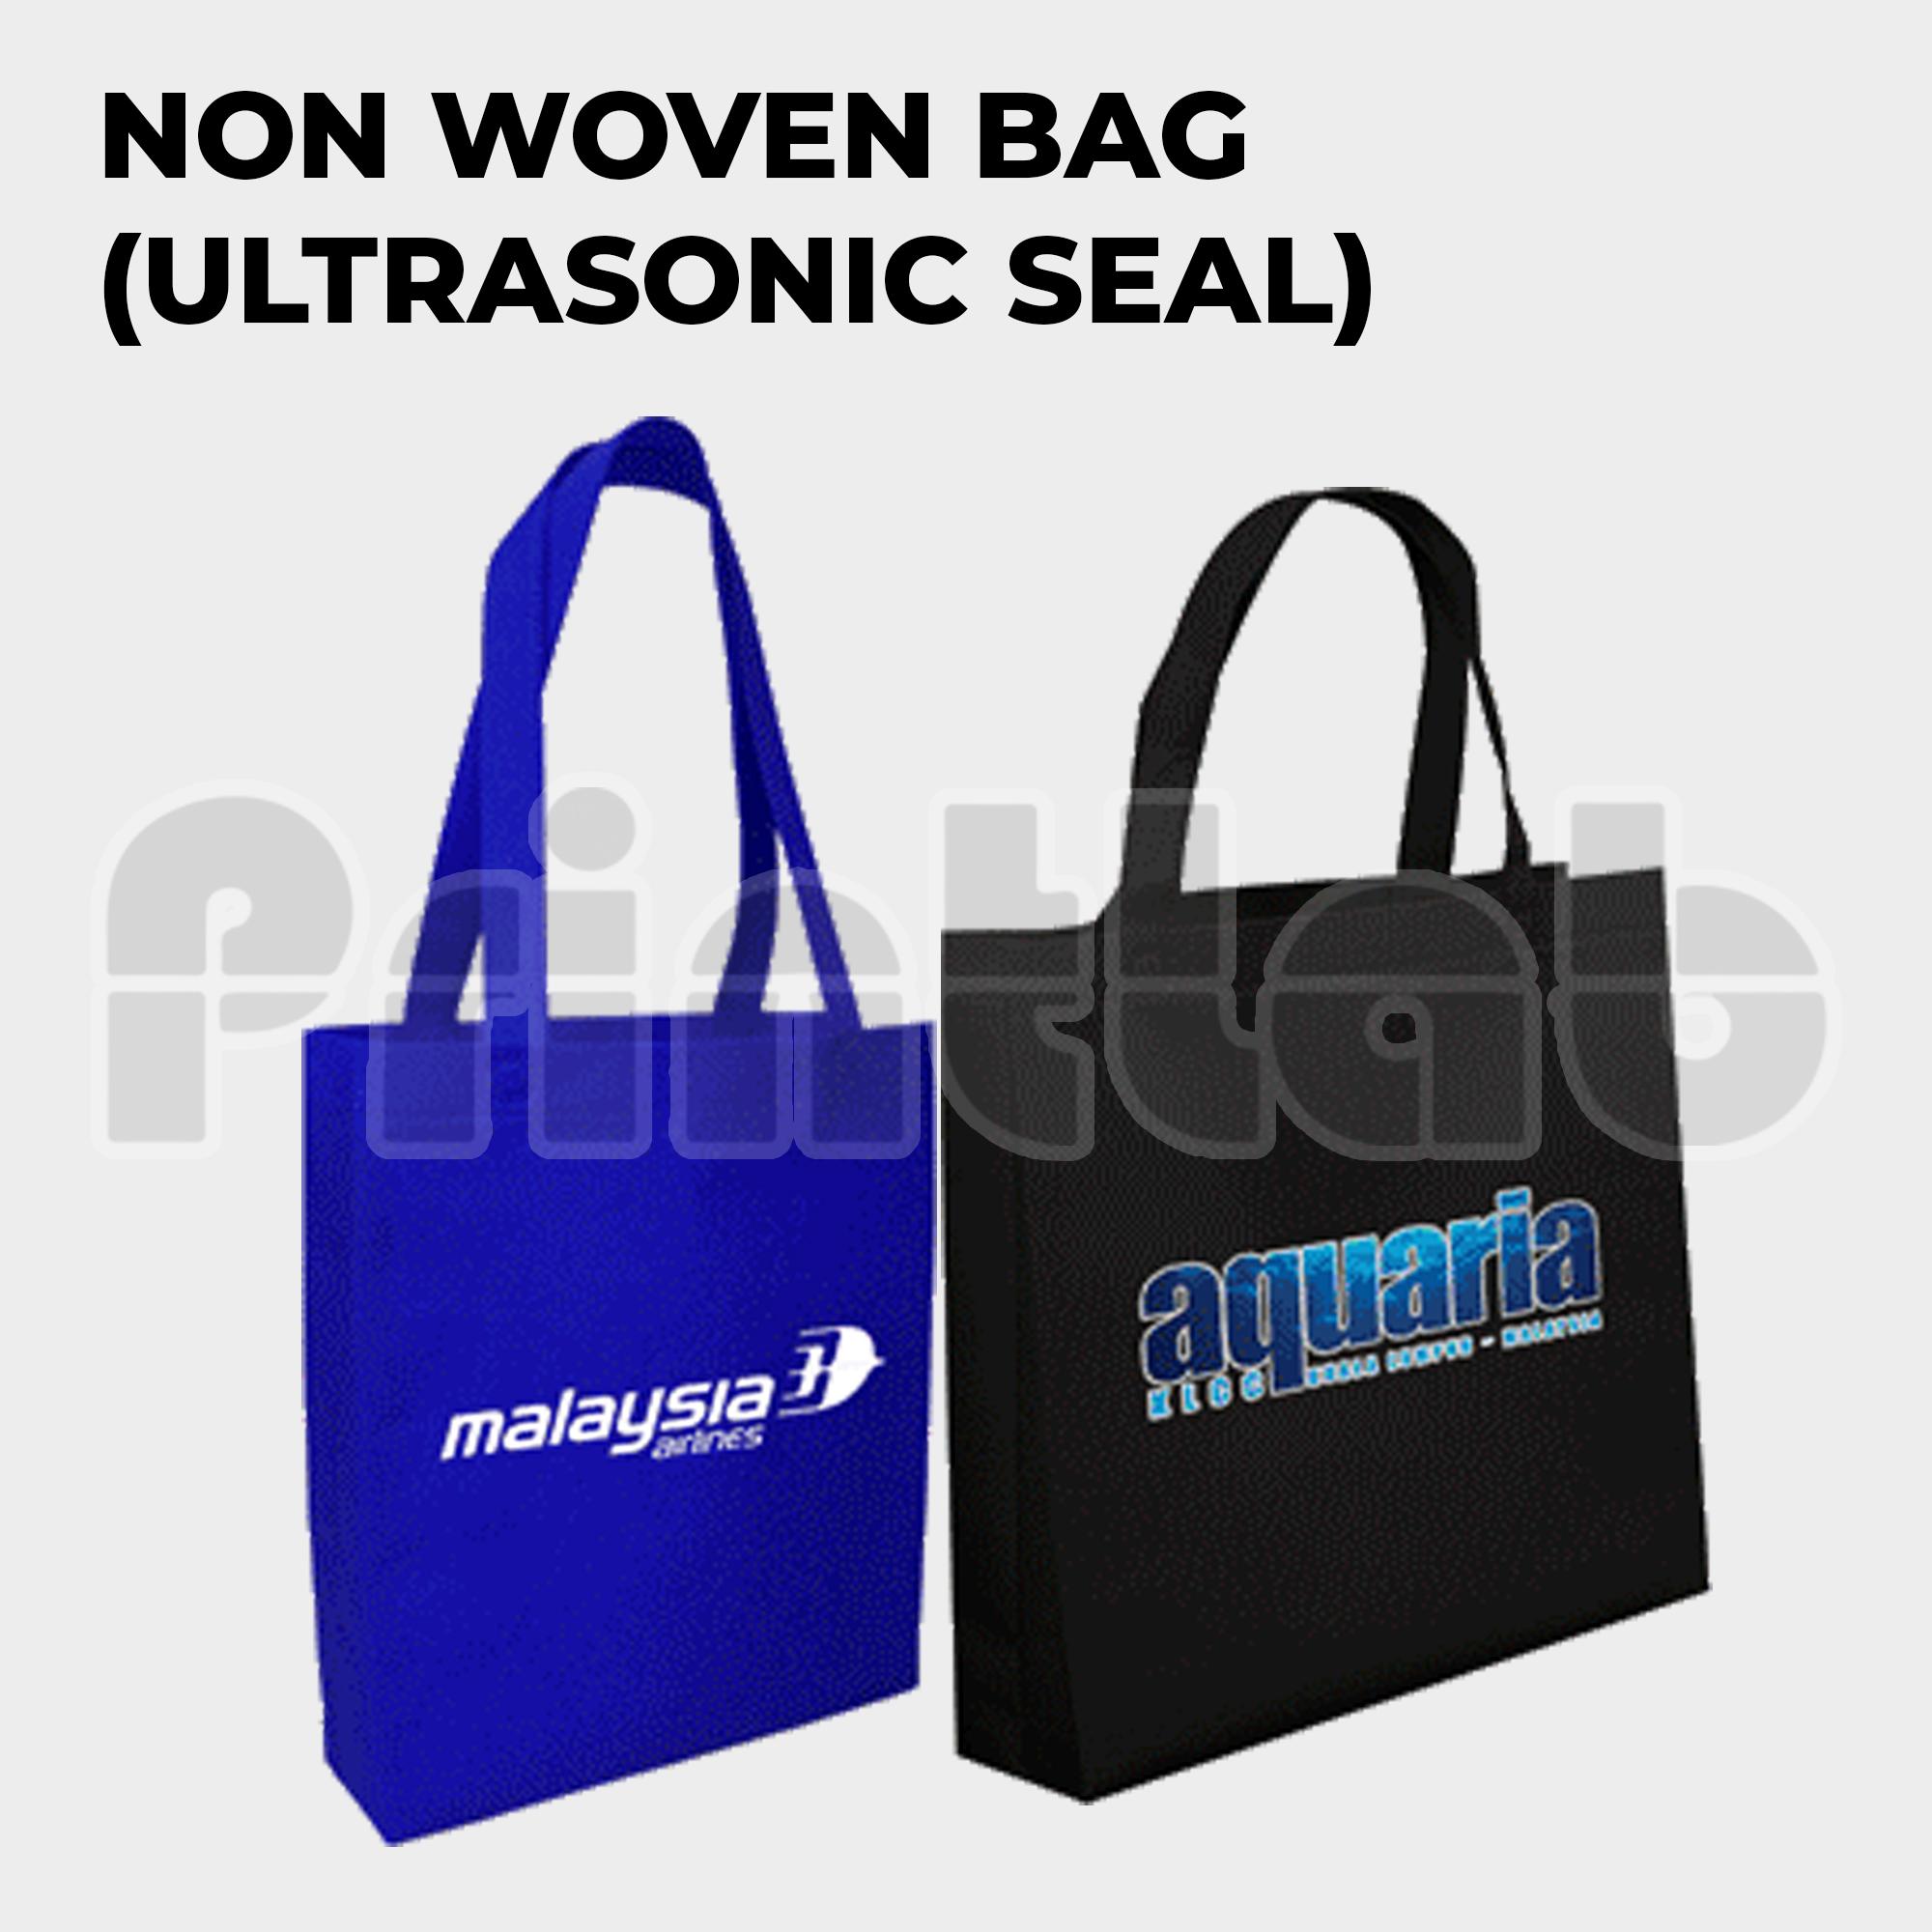 Non Woven Bag (Ultrasonic Seal)